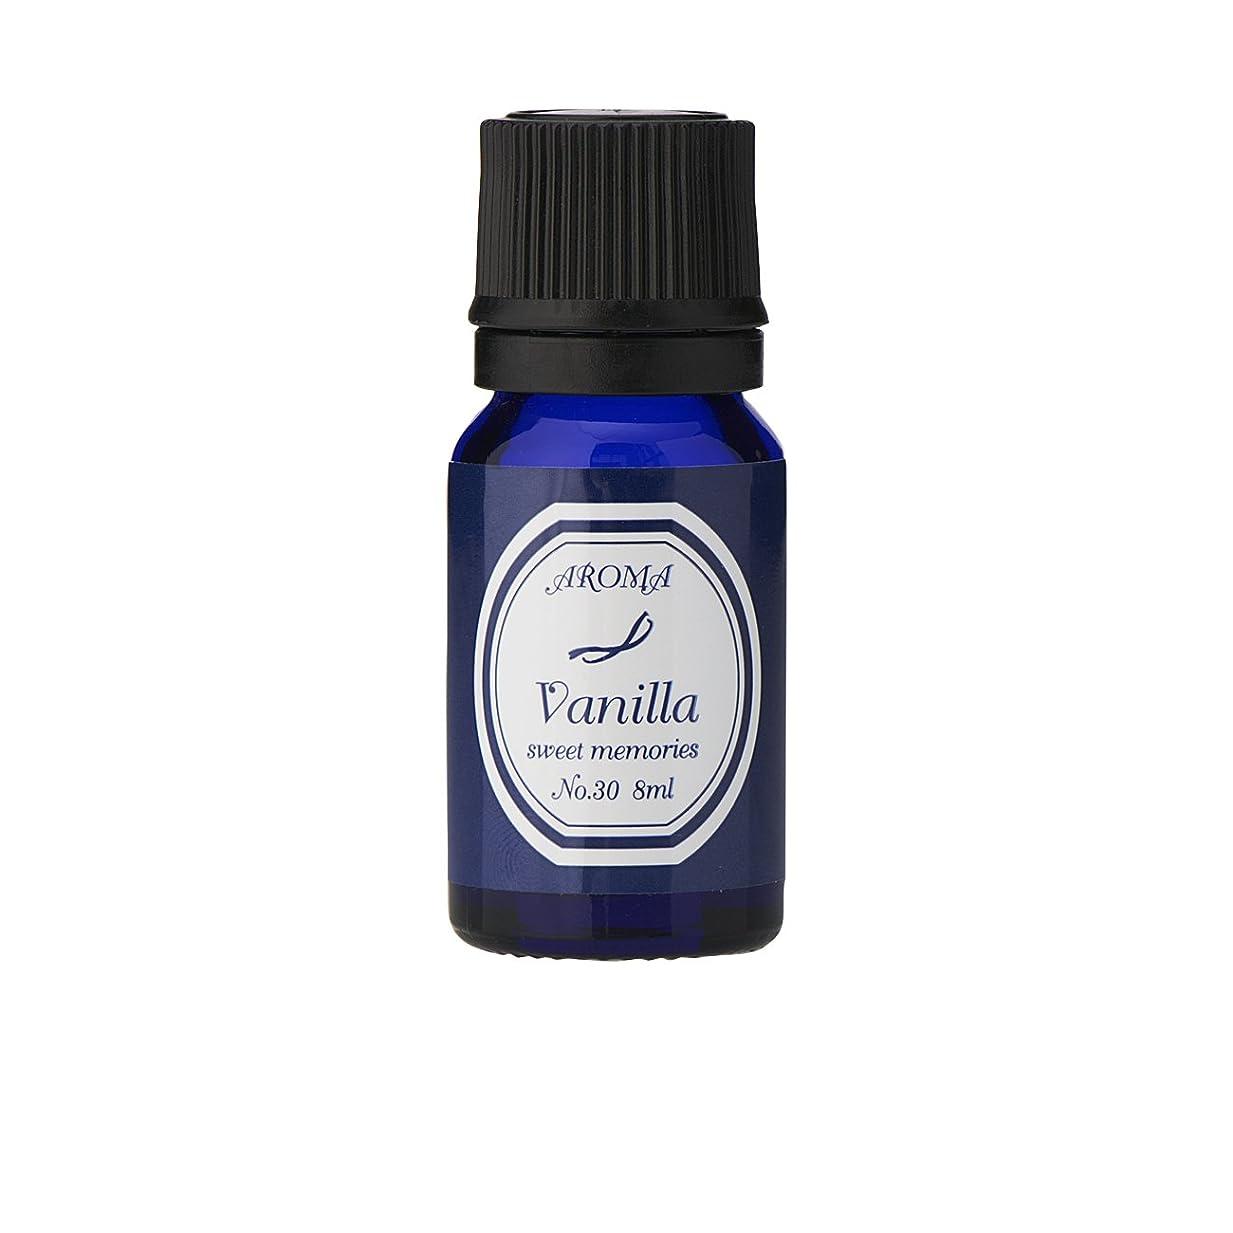 本質的にギャラントリー系統的ブルーラベル アロマエッセンス8ml バニラ(アロマオイル 調合香料 芳香用)